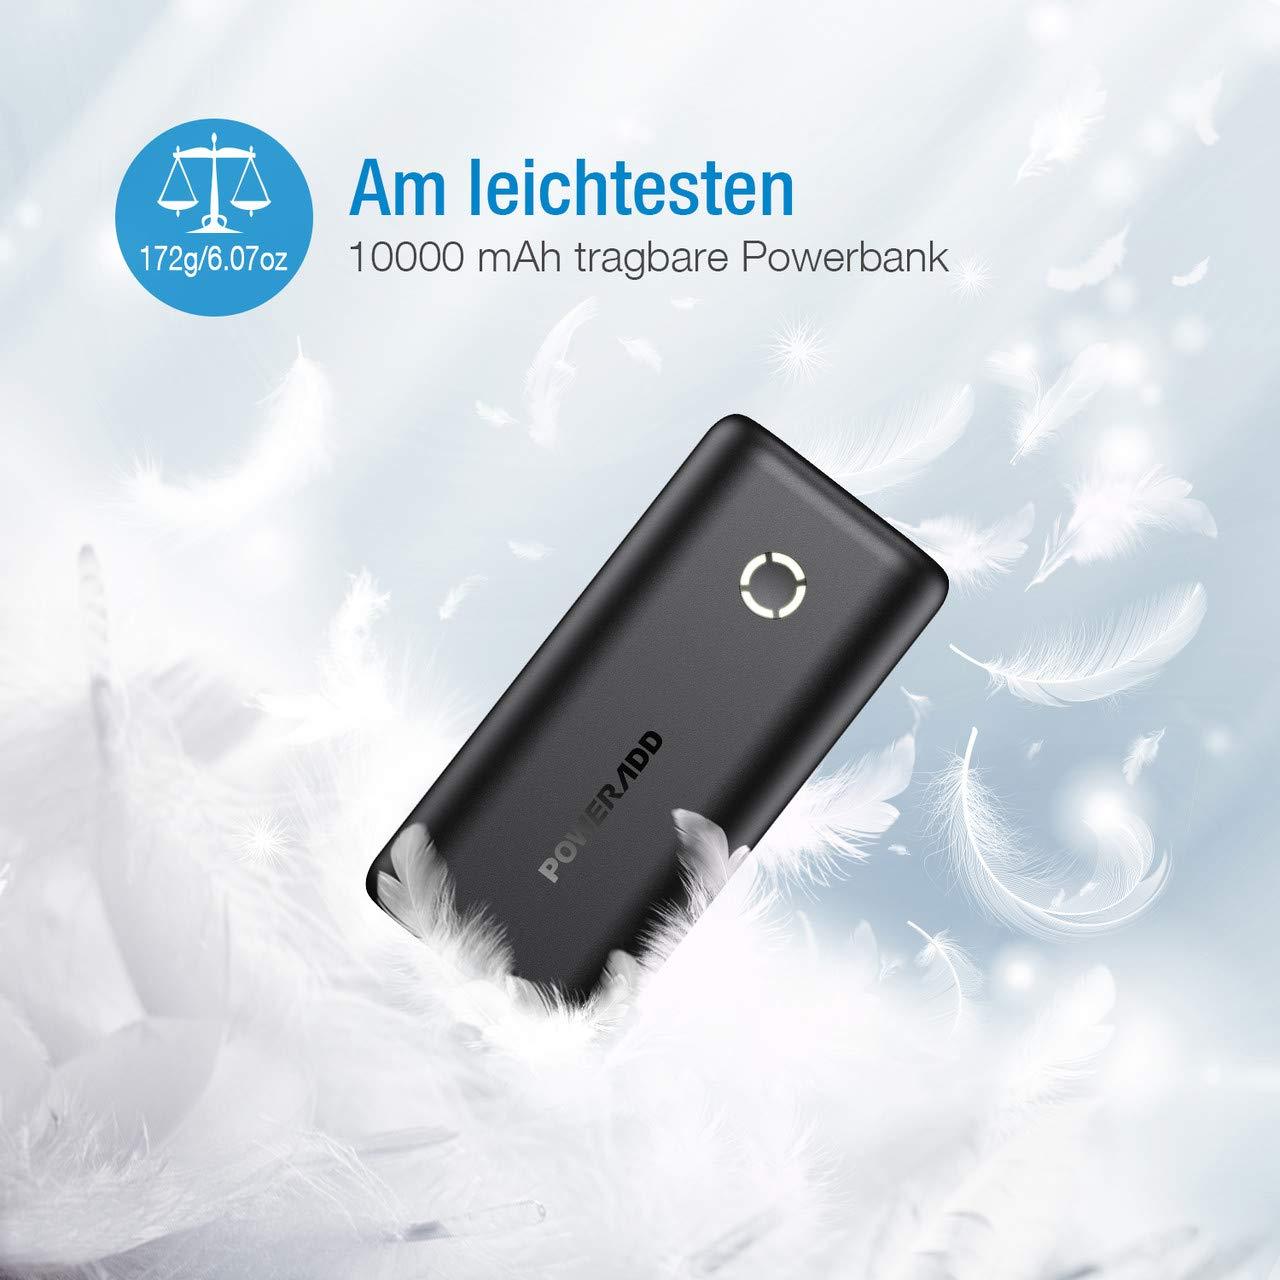 POWERADD EnergyCell 10000mah Powerbank kompakter Externer Akku kleine und leichte Power Bank für iPhone X 8 8Plus 7 6s 6Plus, iPad, Samsung Galaxy Huawei und weitere Smartphones